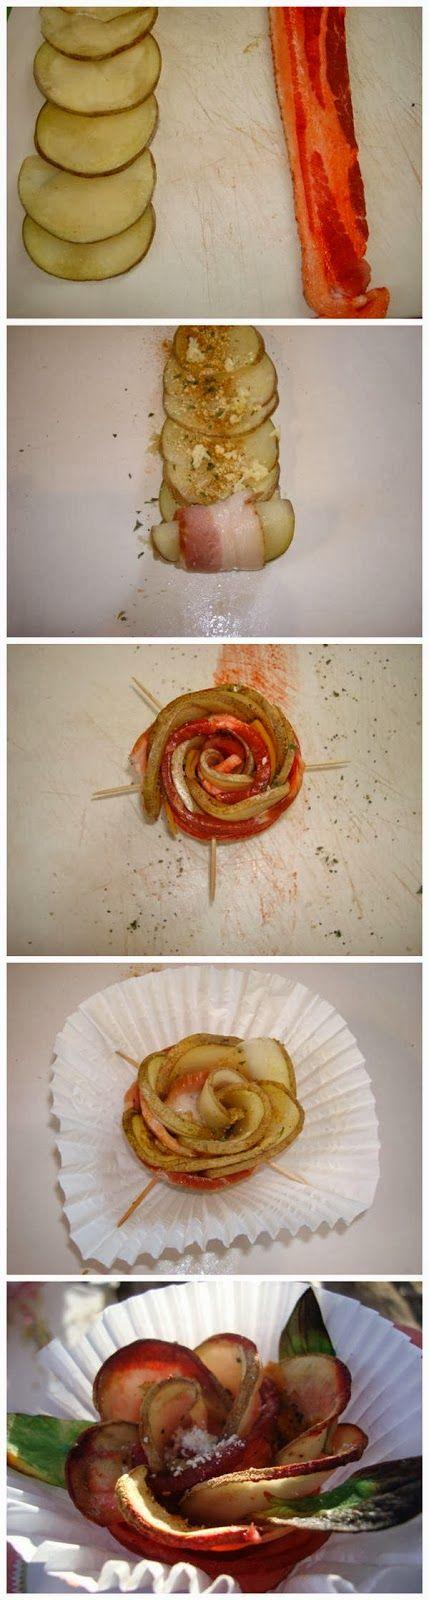 No Fail Bacon and Potato Rose